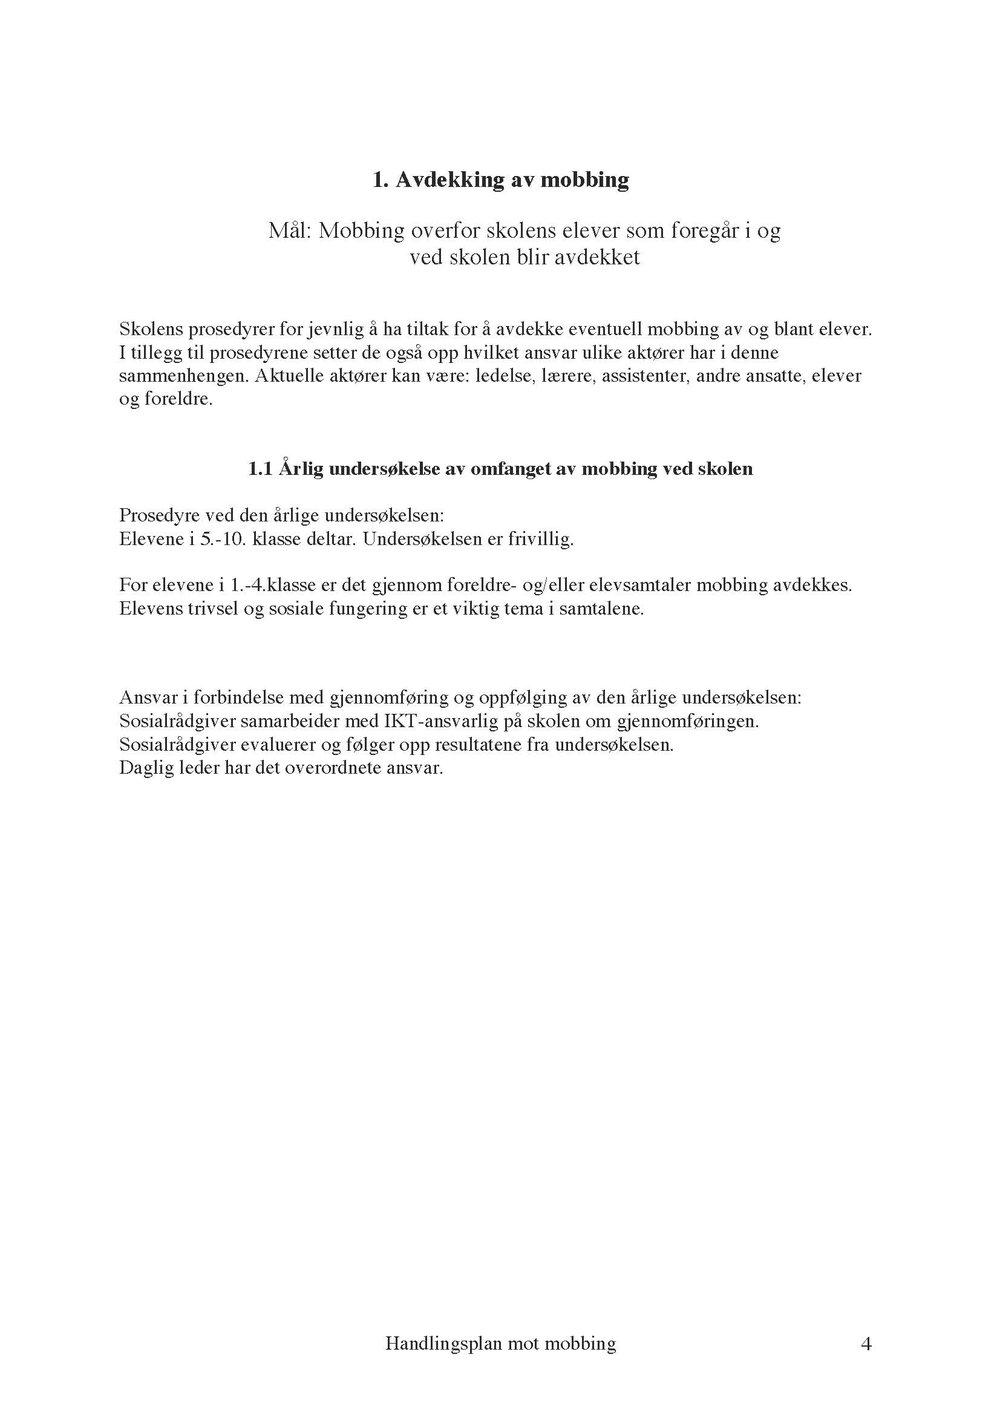 Handlingsplan mot mobbing _Page_04.jpg